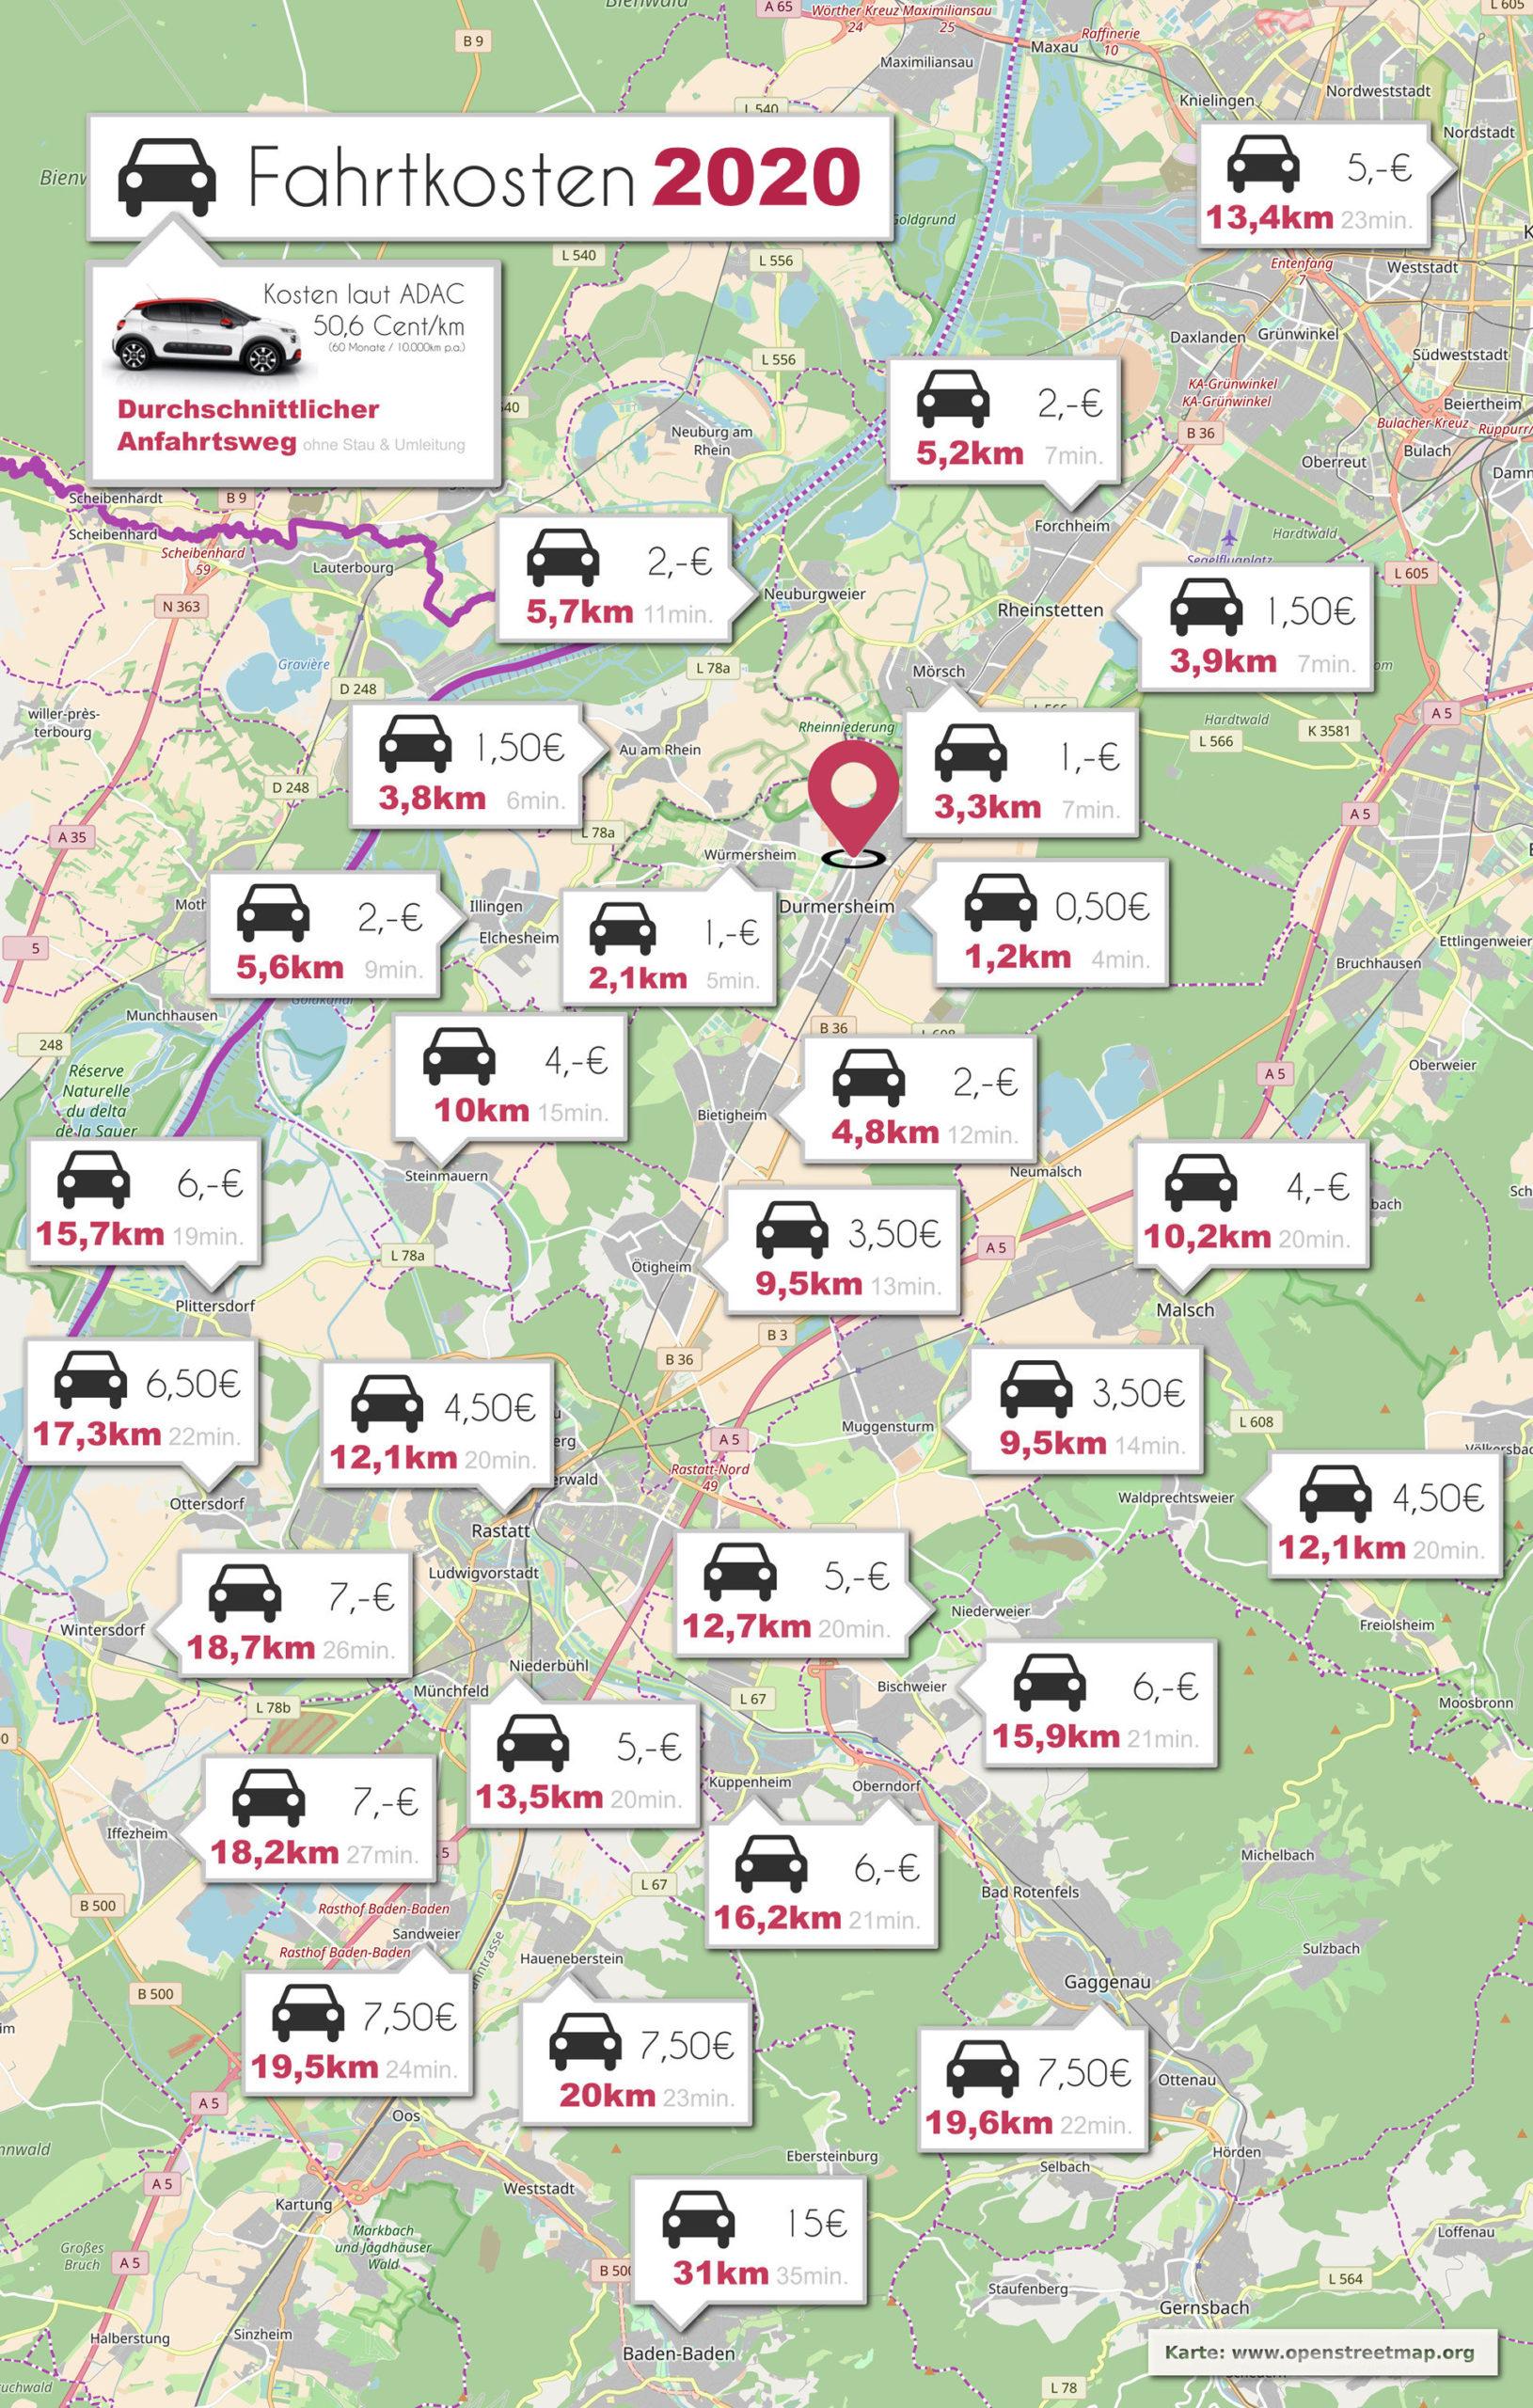 Fahrtkosten für Mobile Fußpflege im Landkreis Rastatt